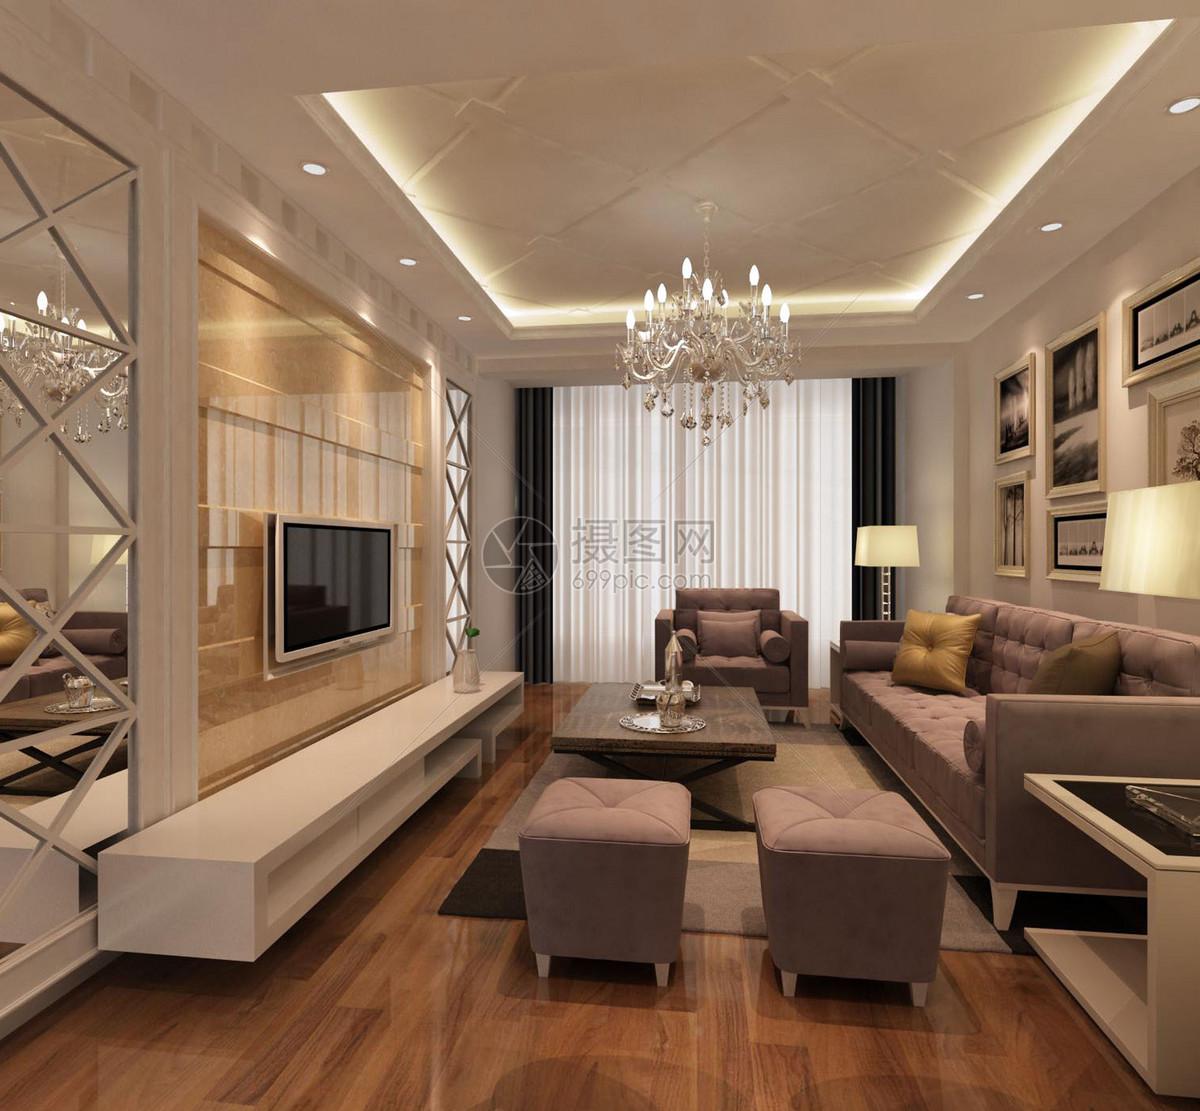 室内效果图沙发组合电视背景墙客厅效果图客厅大厅大厅效果图壁画欧式